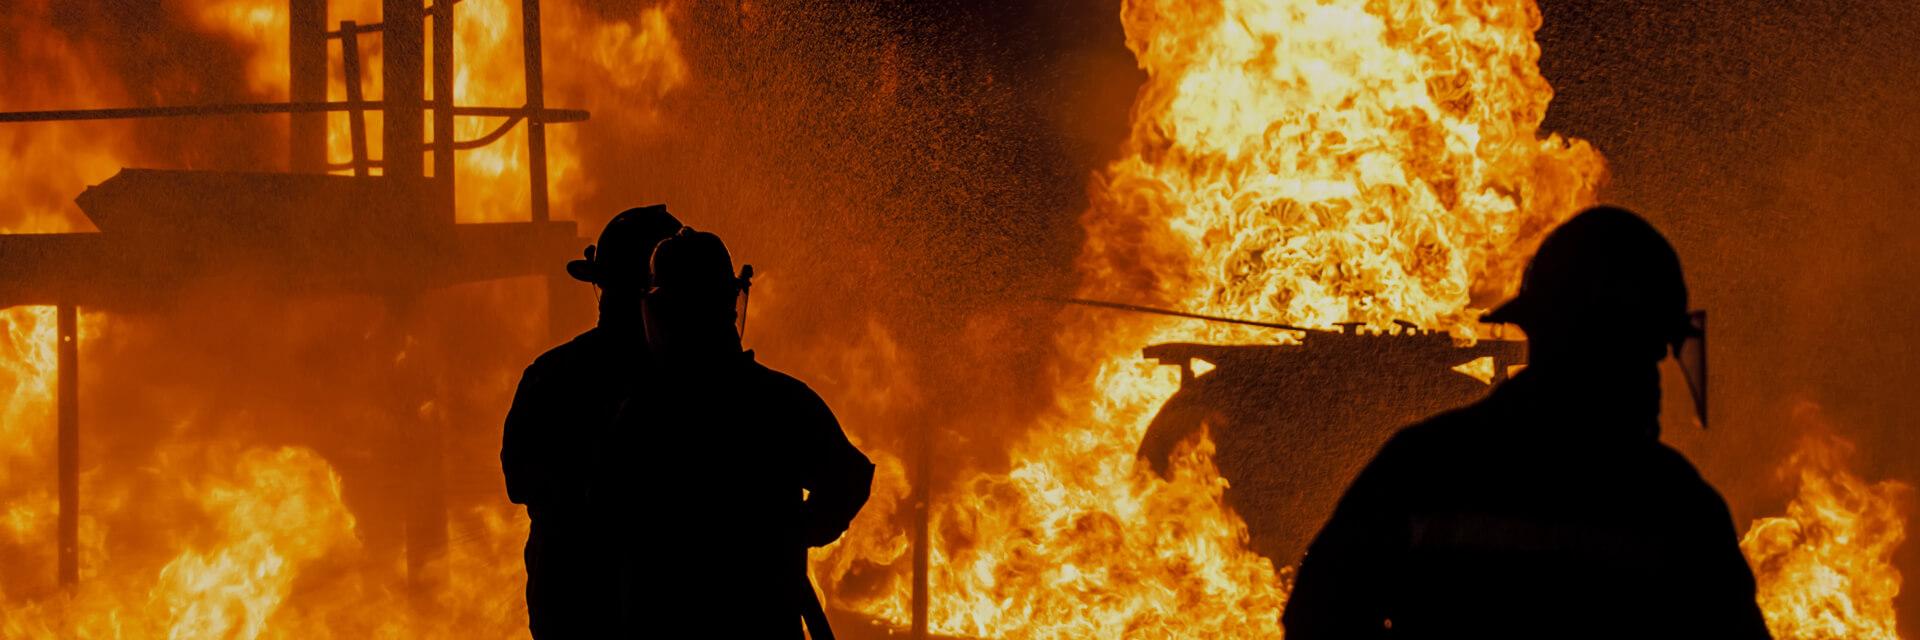 Yangınla savaşın ve çevrenizde daha fazla kolaylık ve hareketlilik ile hayat kurtarın.